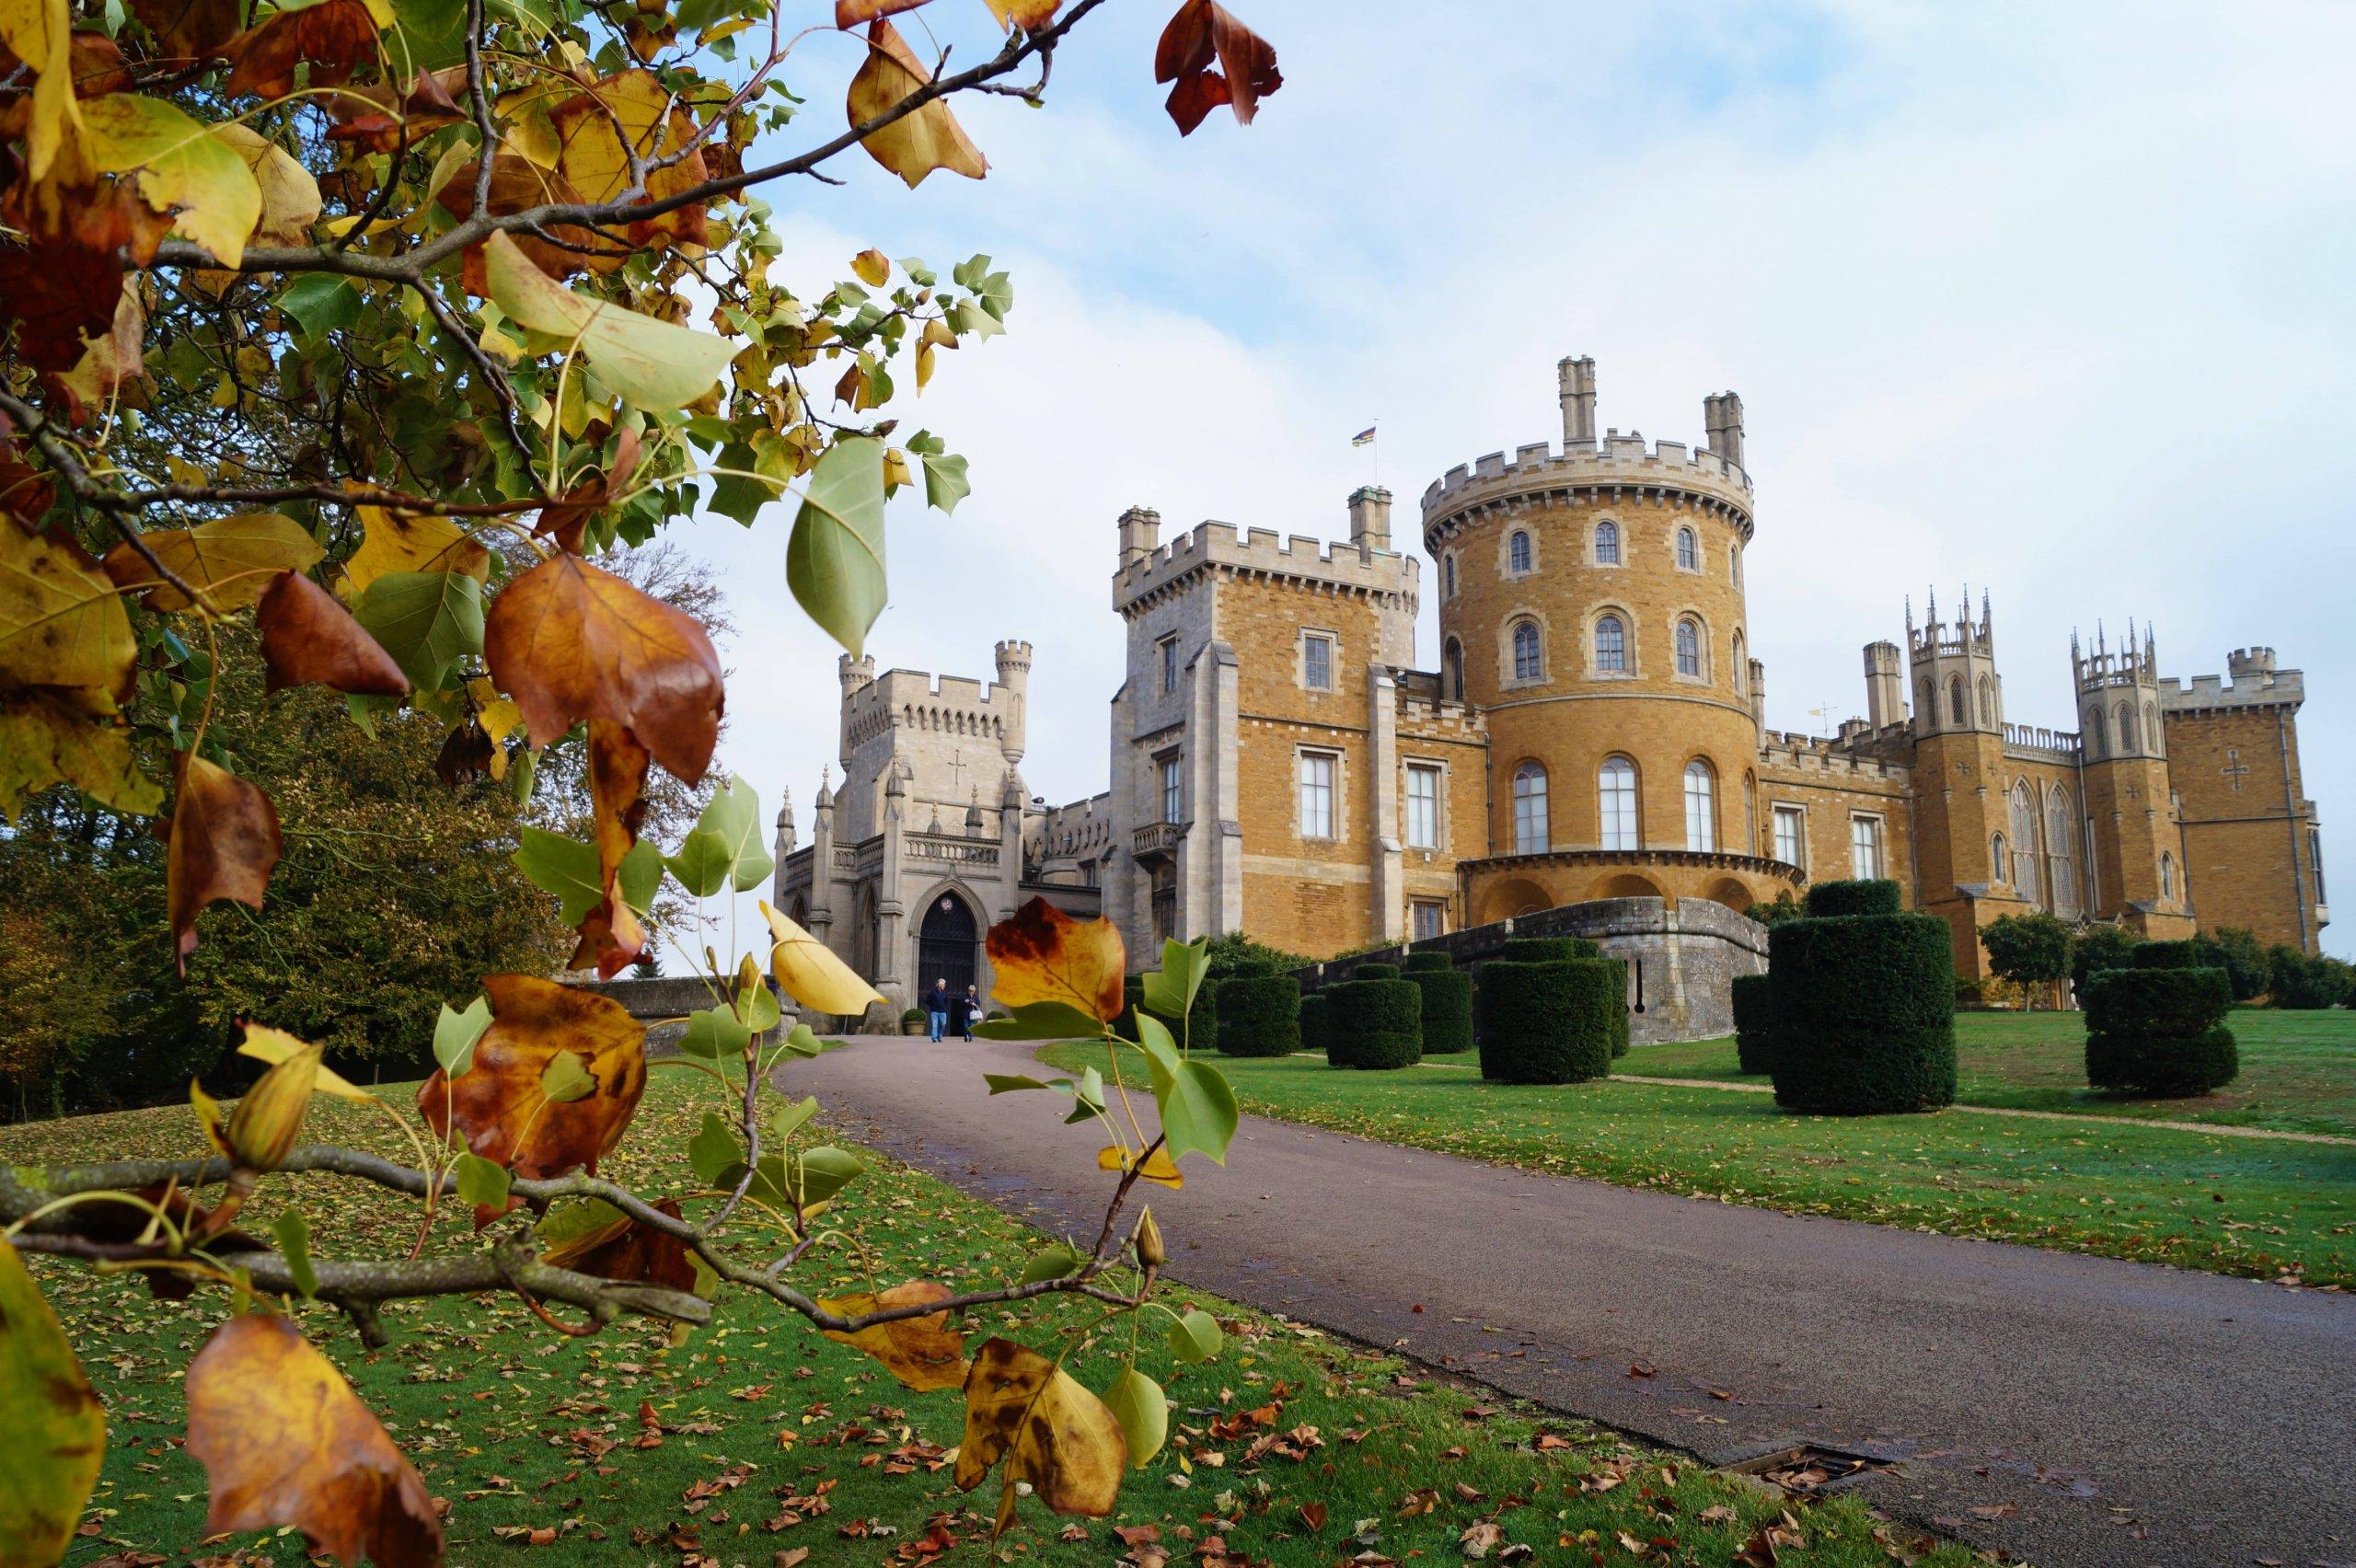 Belvoir-Castle-Open-This-Autumn